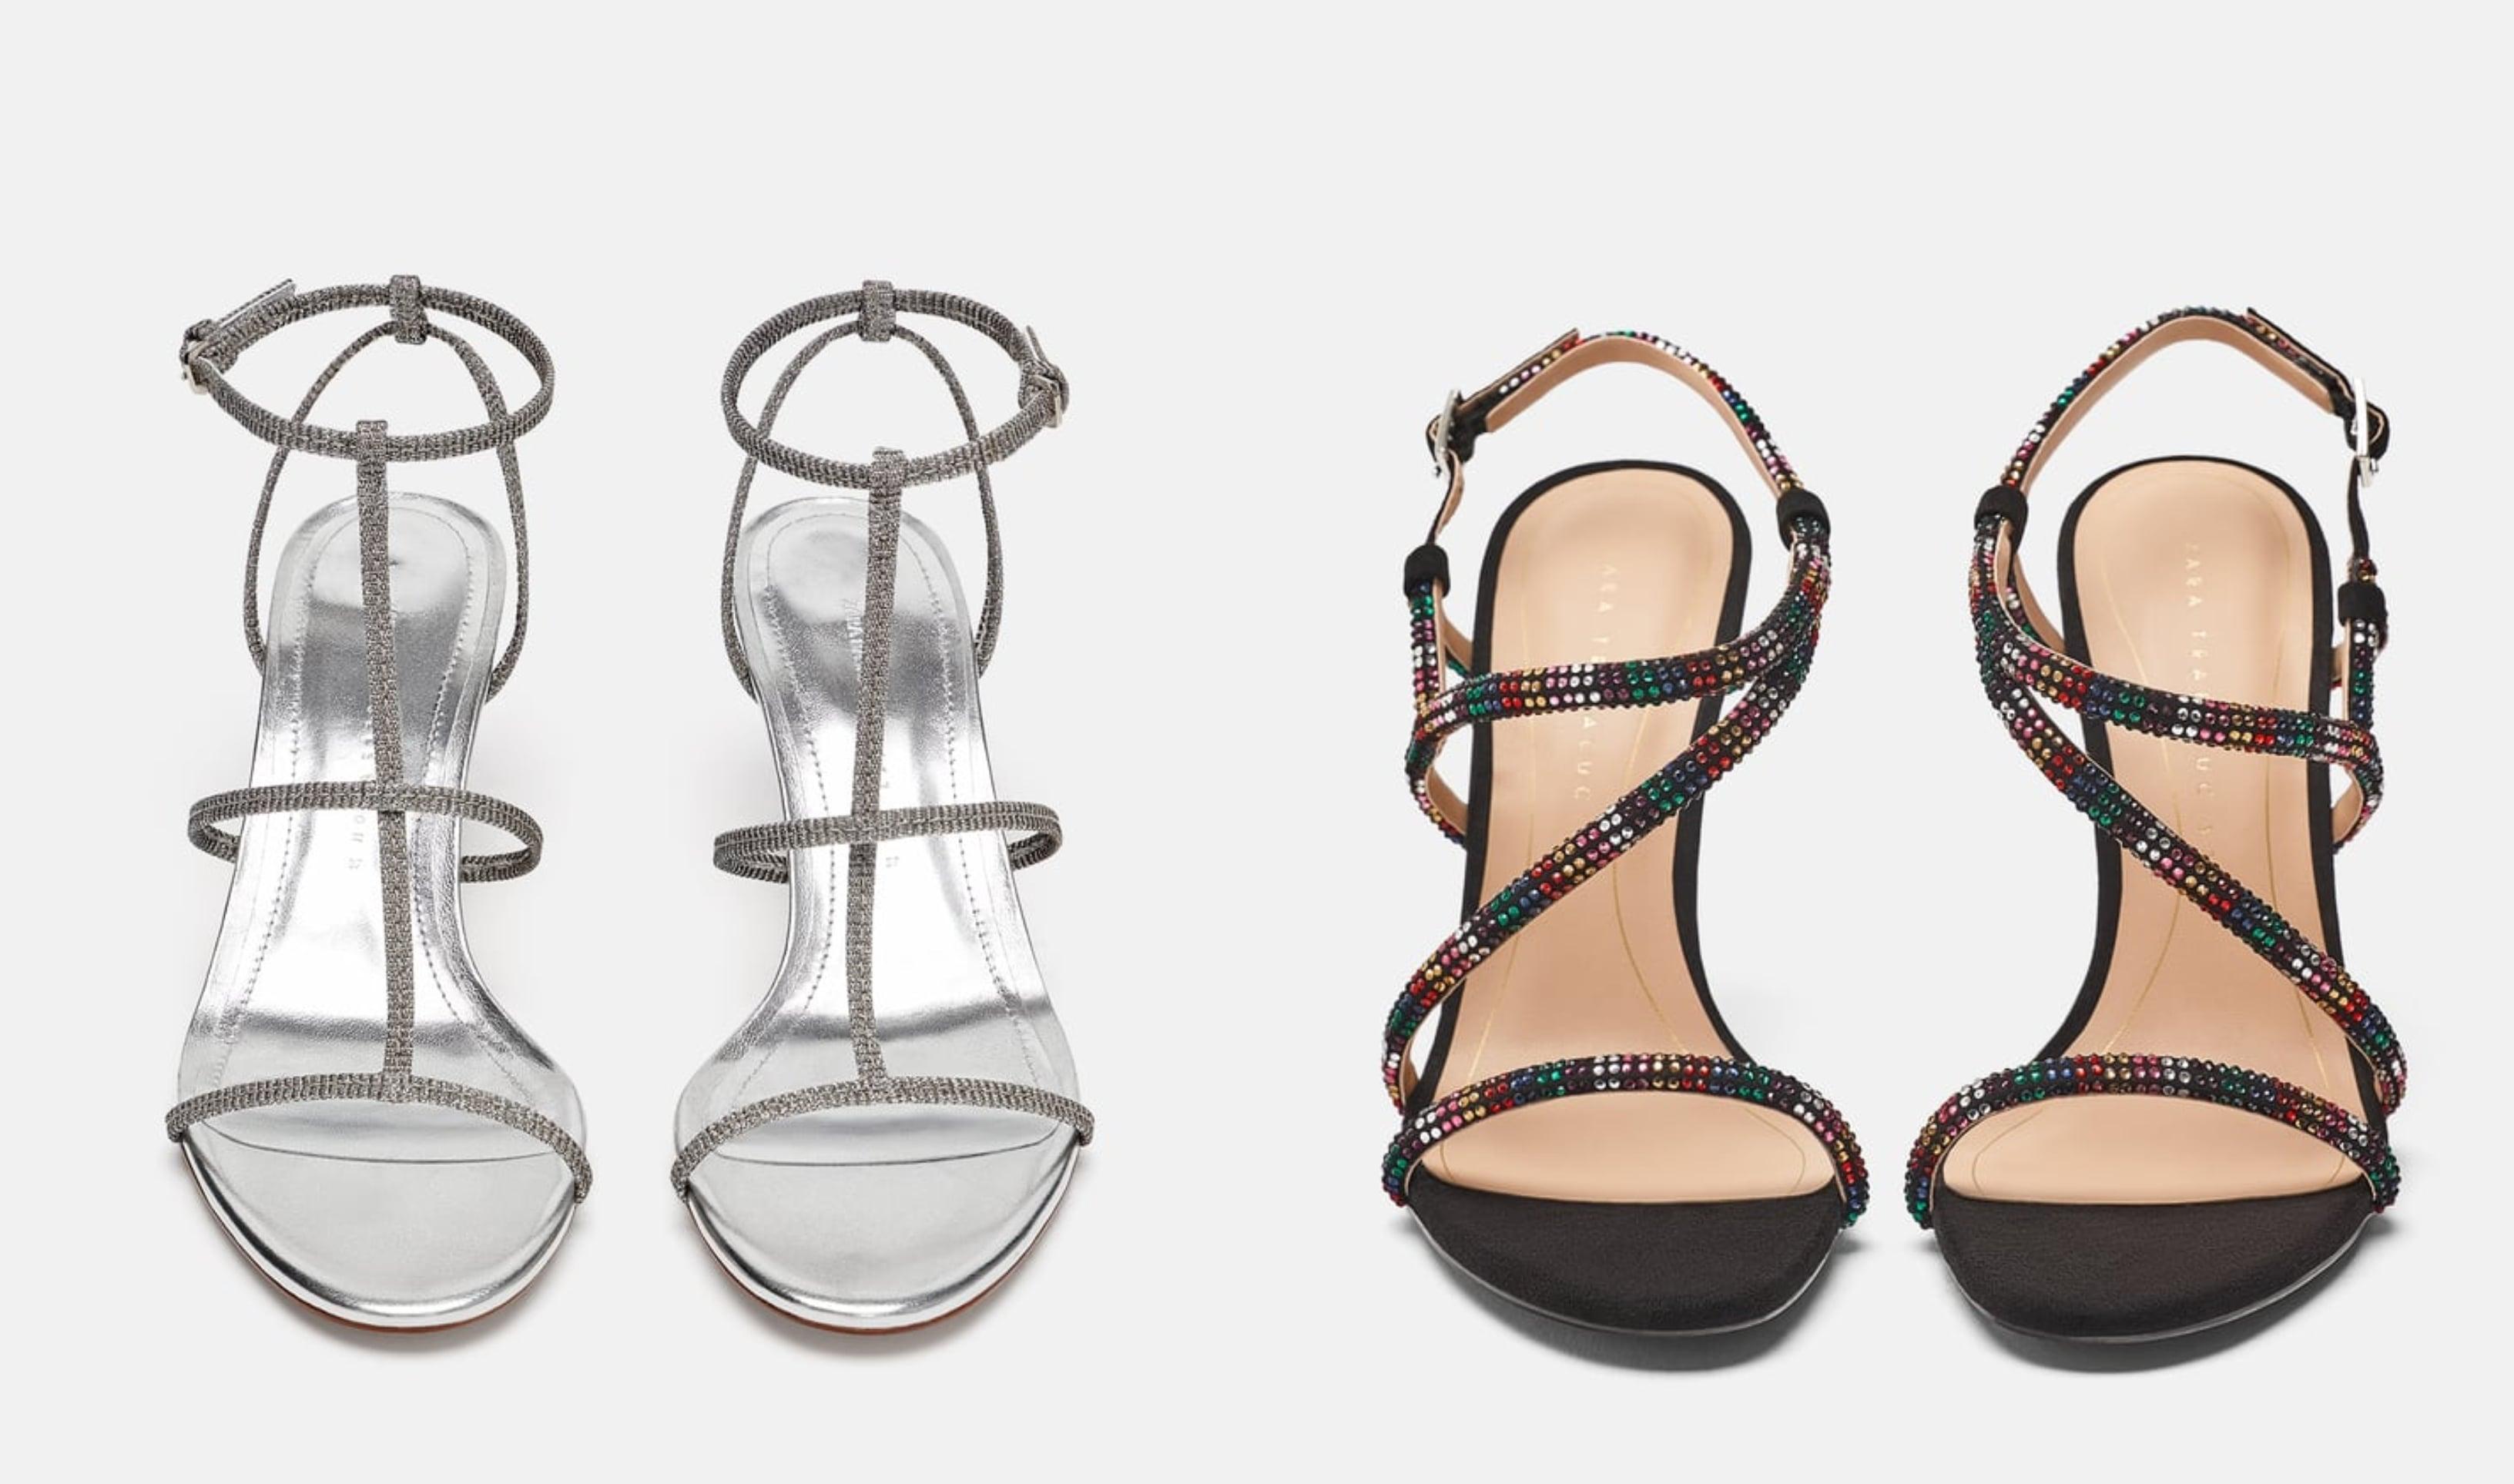 Ove sandale će odlično funkcionirati uz svečane outfite